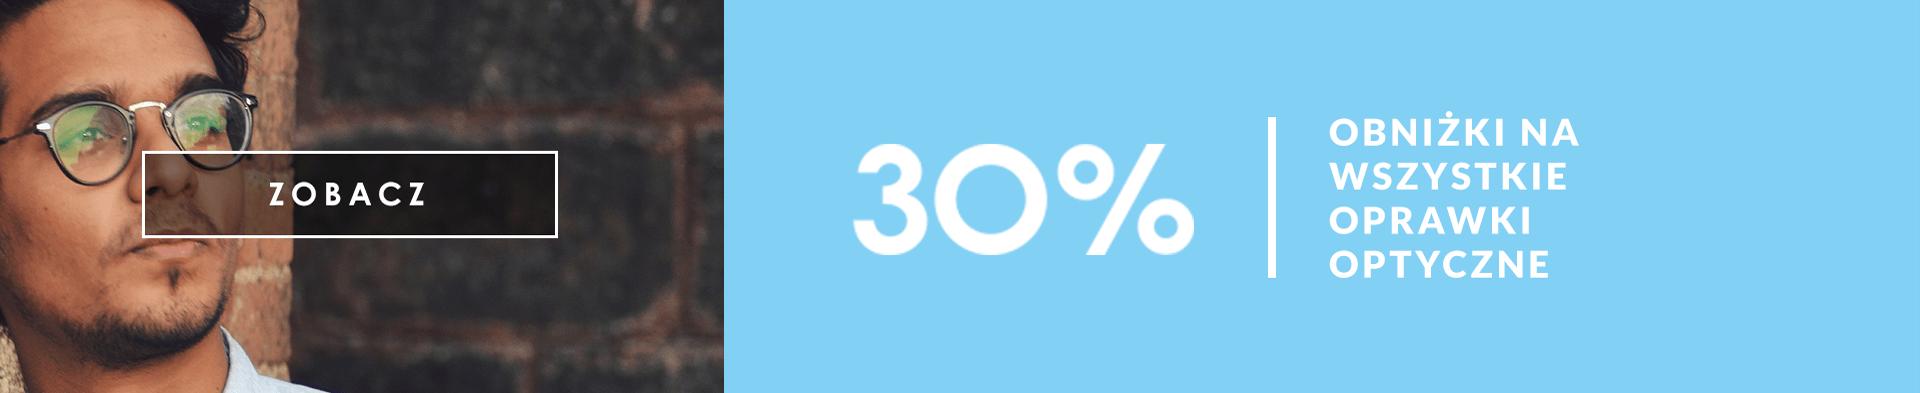 obniżka -30% na wszystkie oprawki optyczne